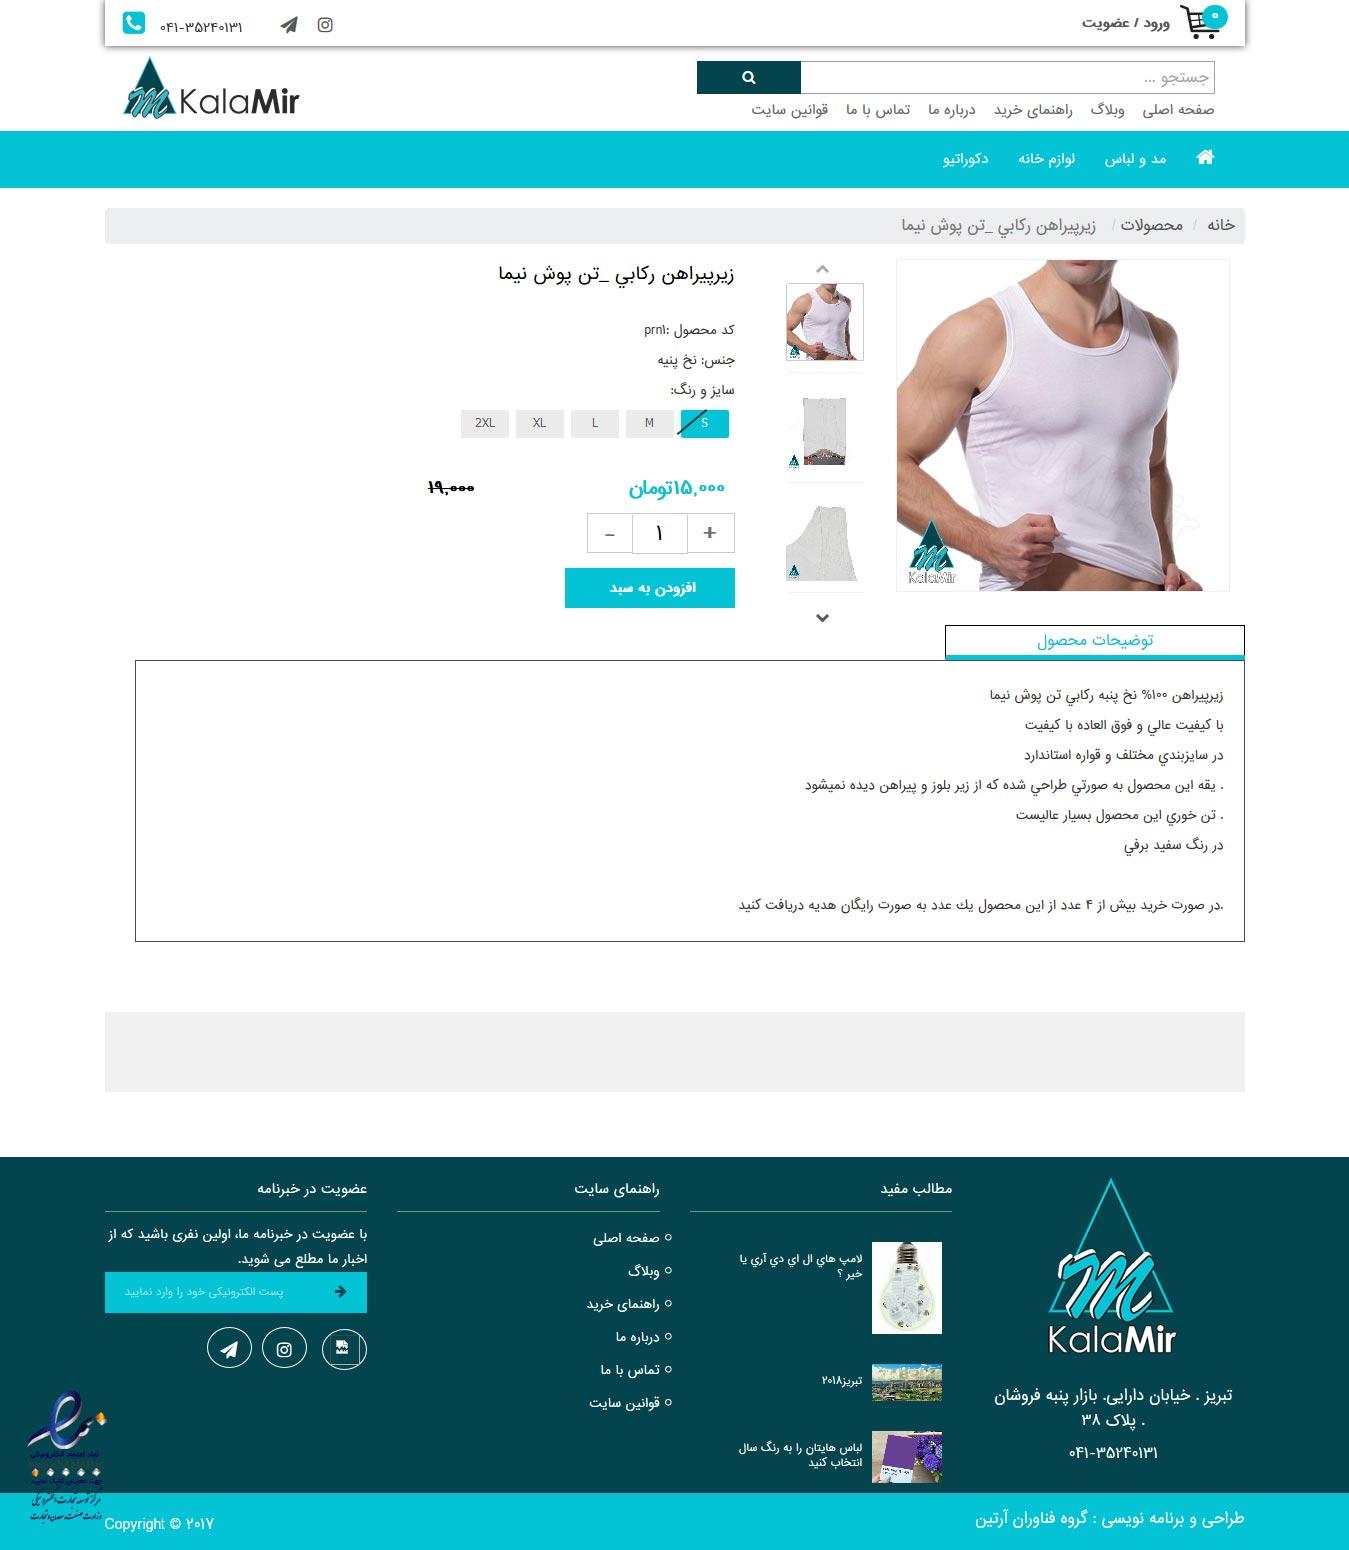 فروشگاه اینترنتی کالامیر